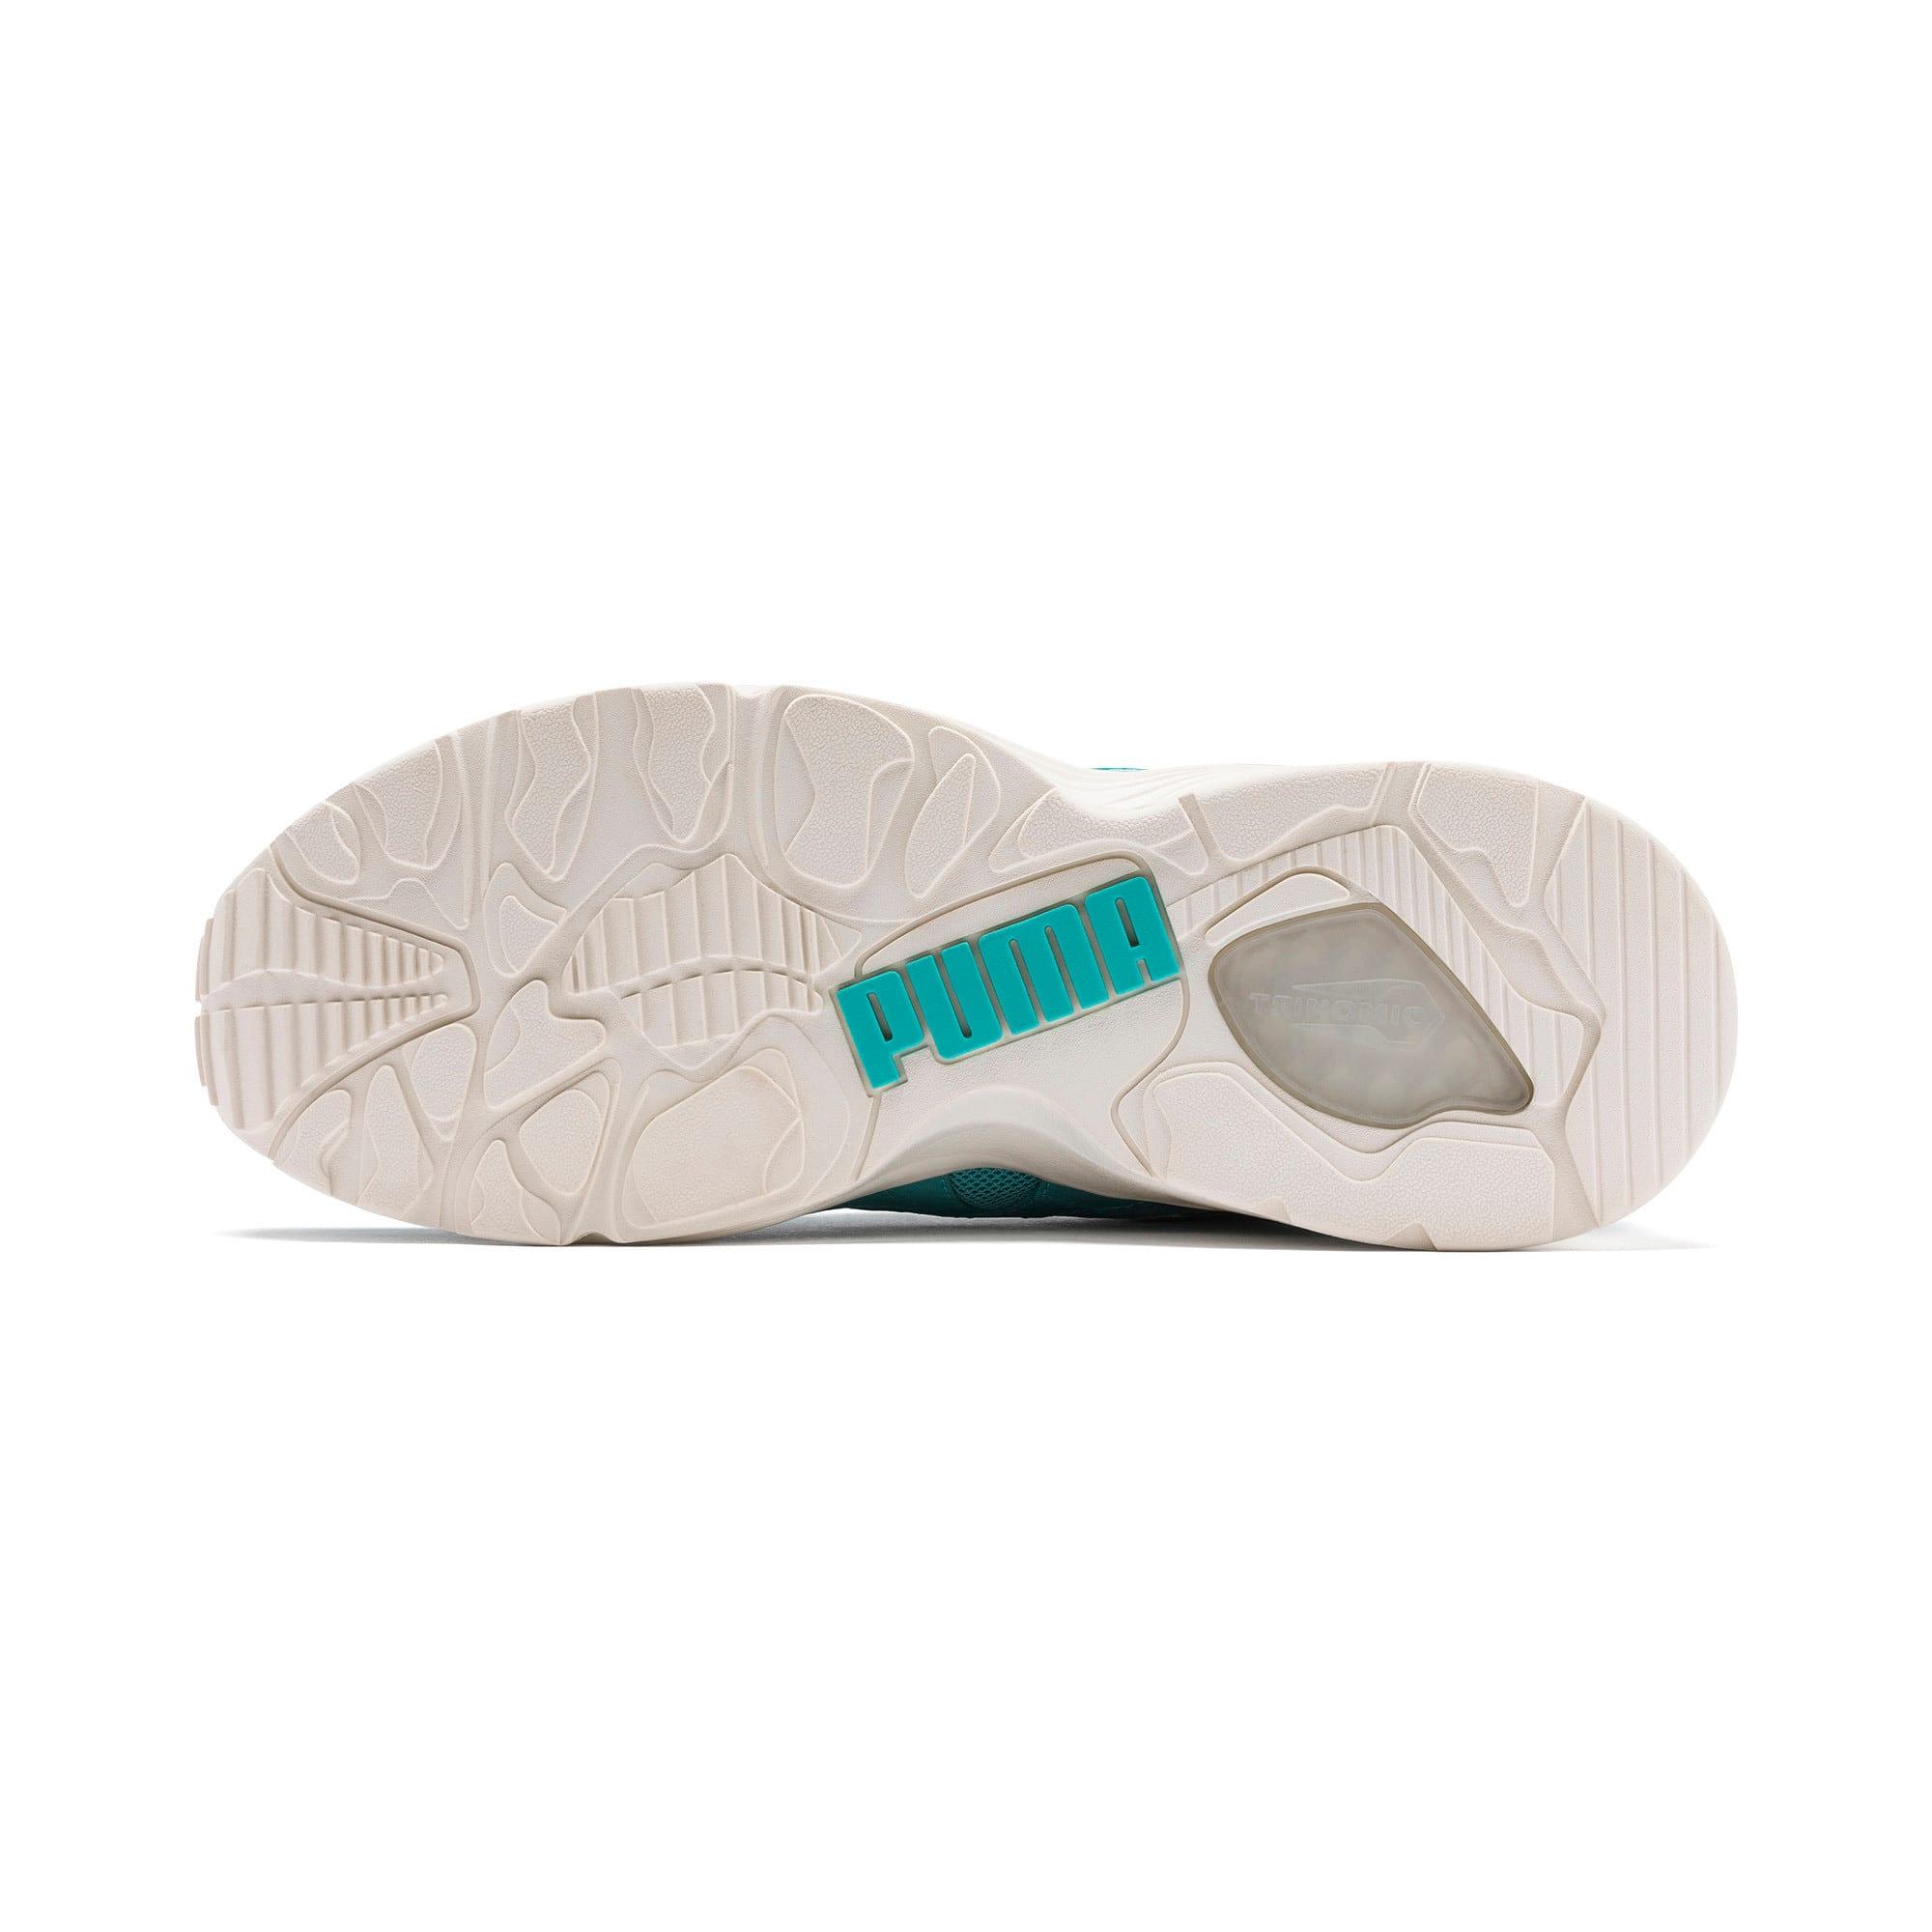 Miniatura 4 de Zapatos deportivosPrevail IR Reality, Blue Turquoise-Whisper White, mediano